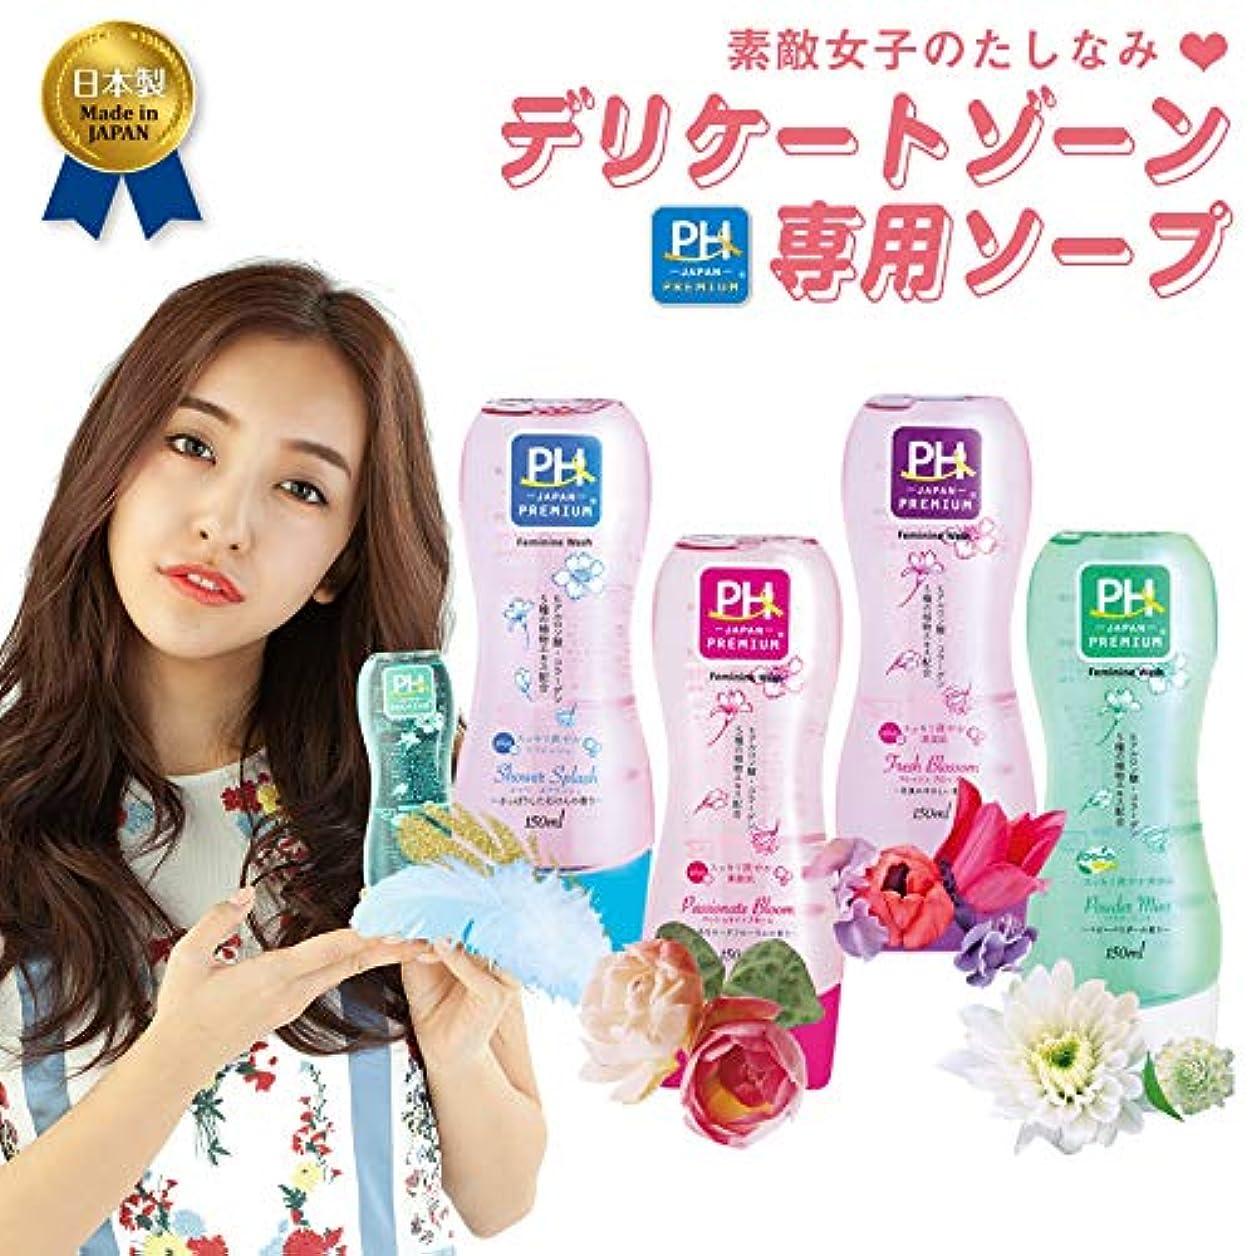 殺人者弾力性のある多様性フレッシュブロッソム4本セット PH JAPAN フェミニンウォッシュ 花束のやさしい香り